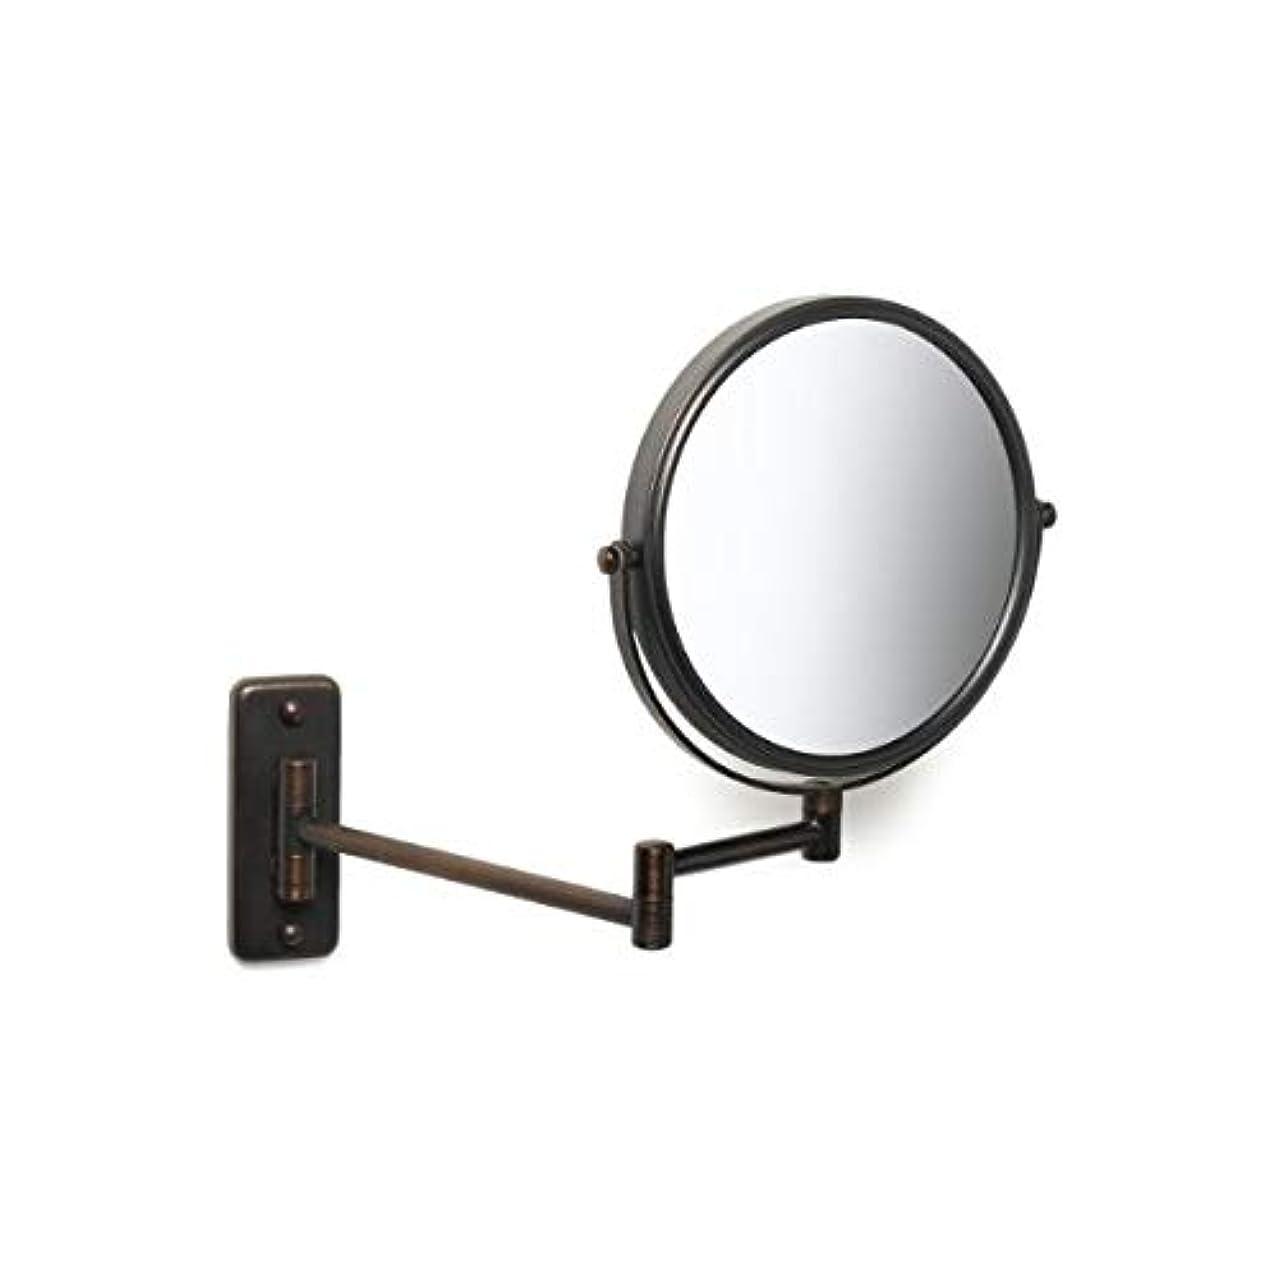 過激派観点コーヒーJerdon(ジェルドン) / JP7506BZ (ブロンズ) 《拡大鏡》 [鏡面 直径20cm] 【5倍率/等倍率】 壁面取付型ミラー